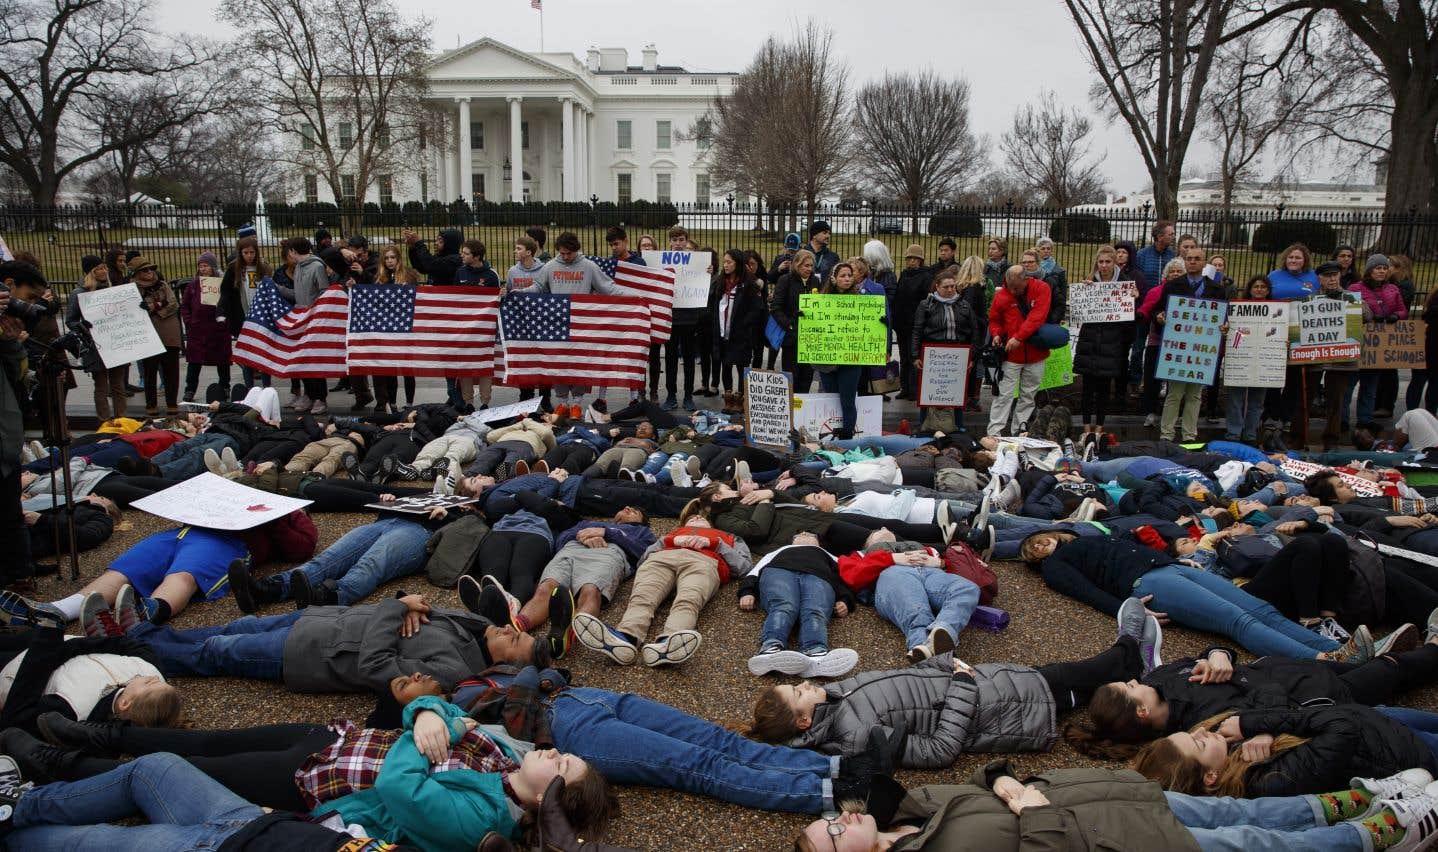 Après la fusillade de Floride, plusieurs Américains ont manifesté devant la Maison-Blanche, réclamant une réglementation plus stricte des armes à feu.